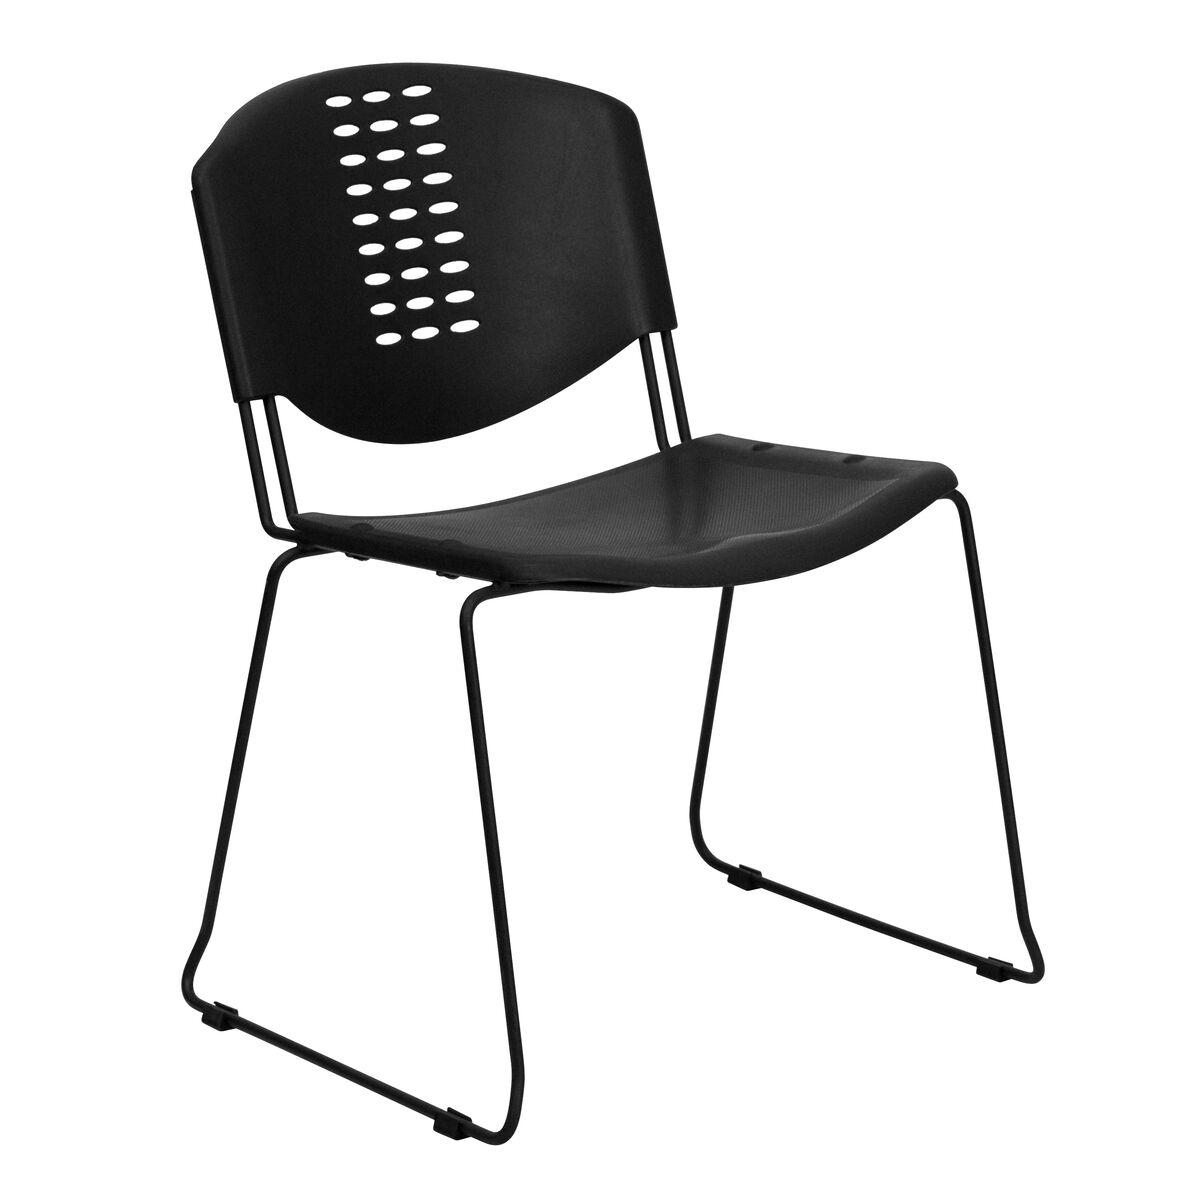 black plastic stack chair rut nf02 bk gg. Black Bedroom Furniture Sets. Home Design Ideas